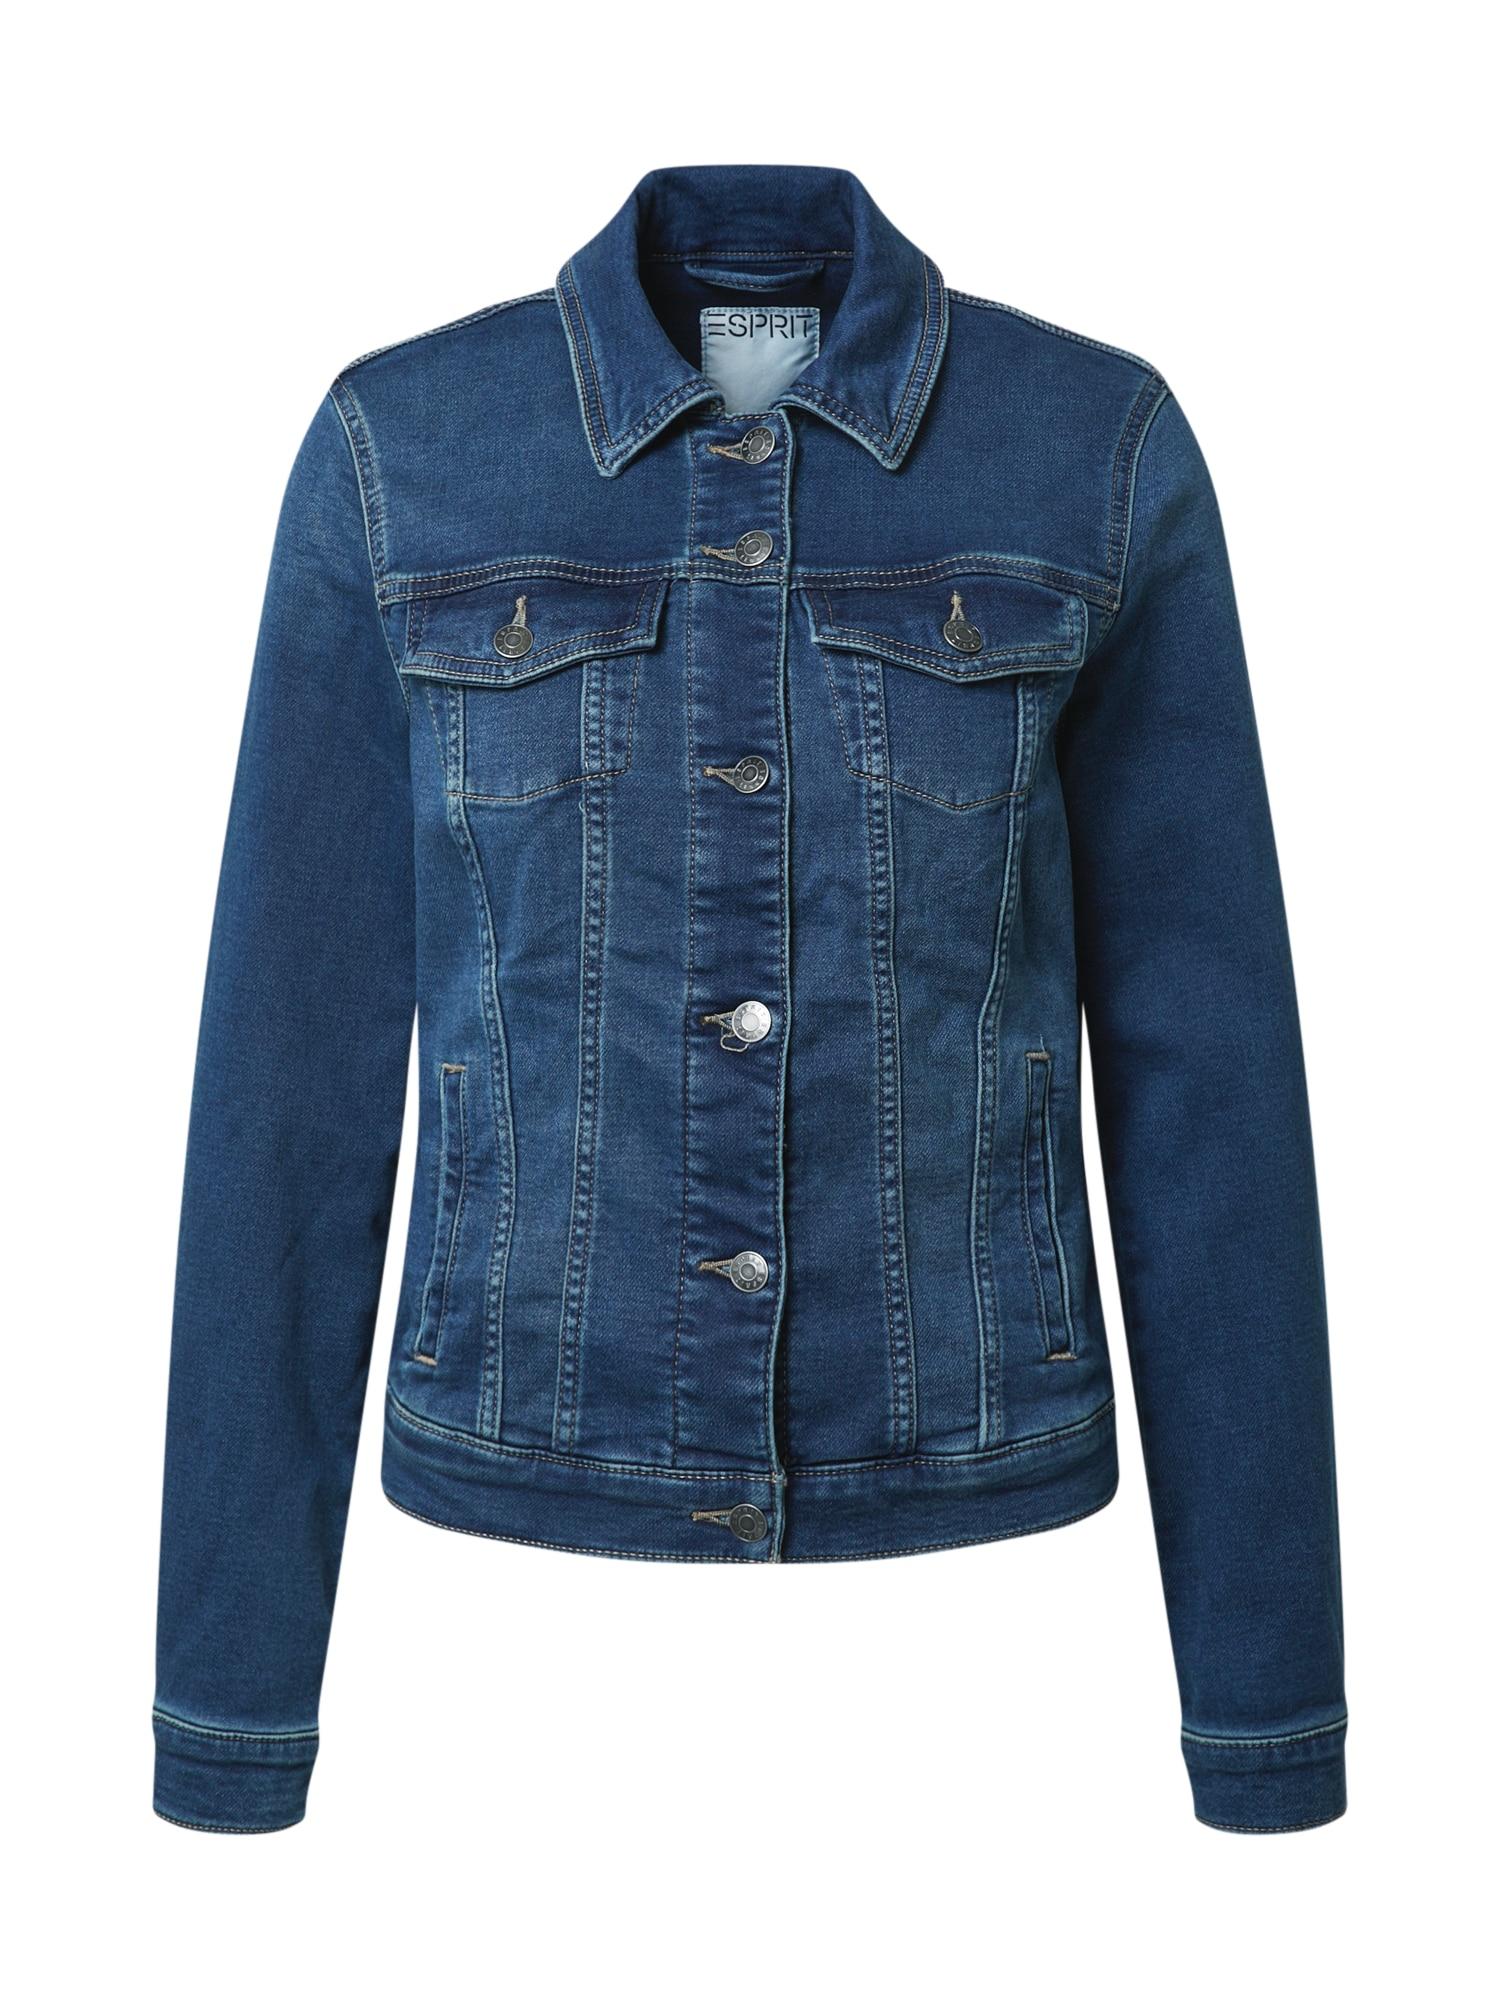 ESPRIT Demisezoninė striukė tamsiai mėlyna / tamsiai (džinso) mėlyna